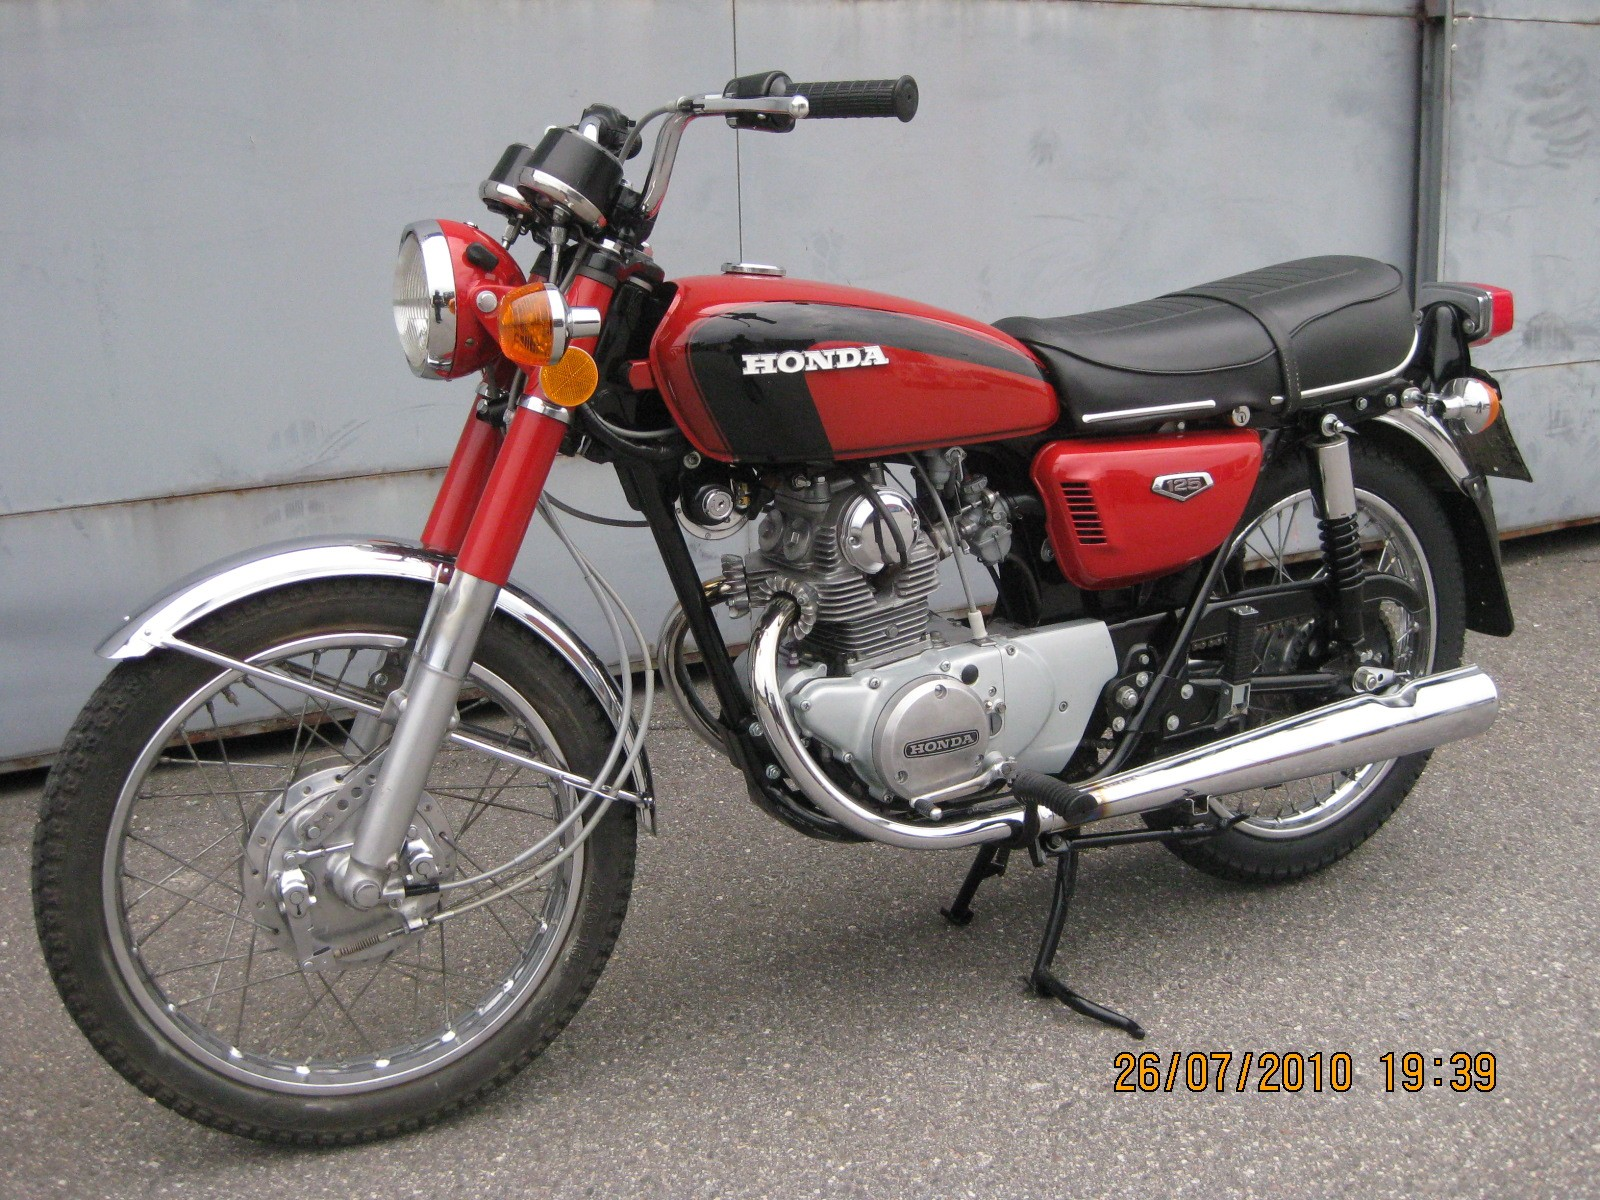 Honda cb 125 k5 1973 from haba